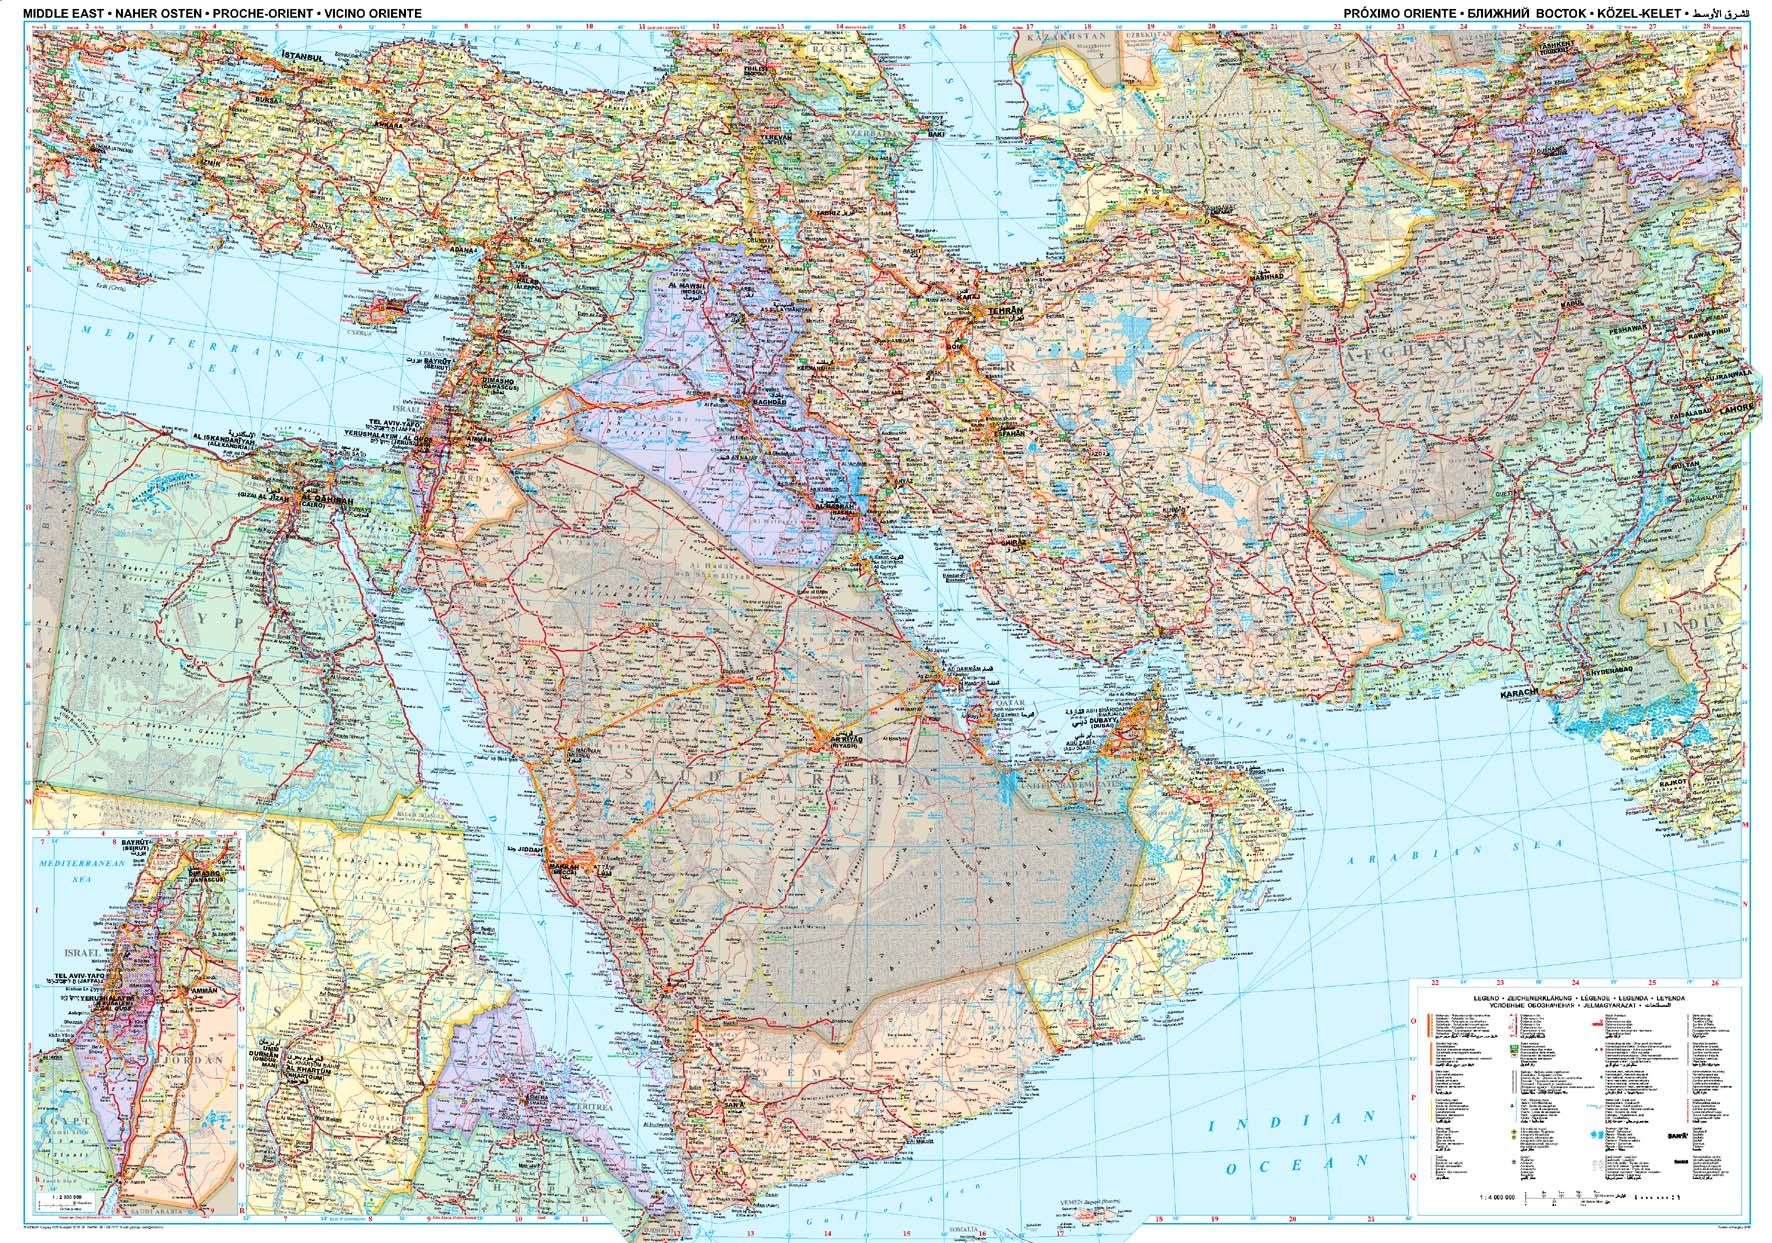 A Közel-Kelet térkép által lefedett terület